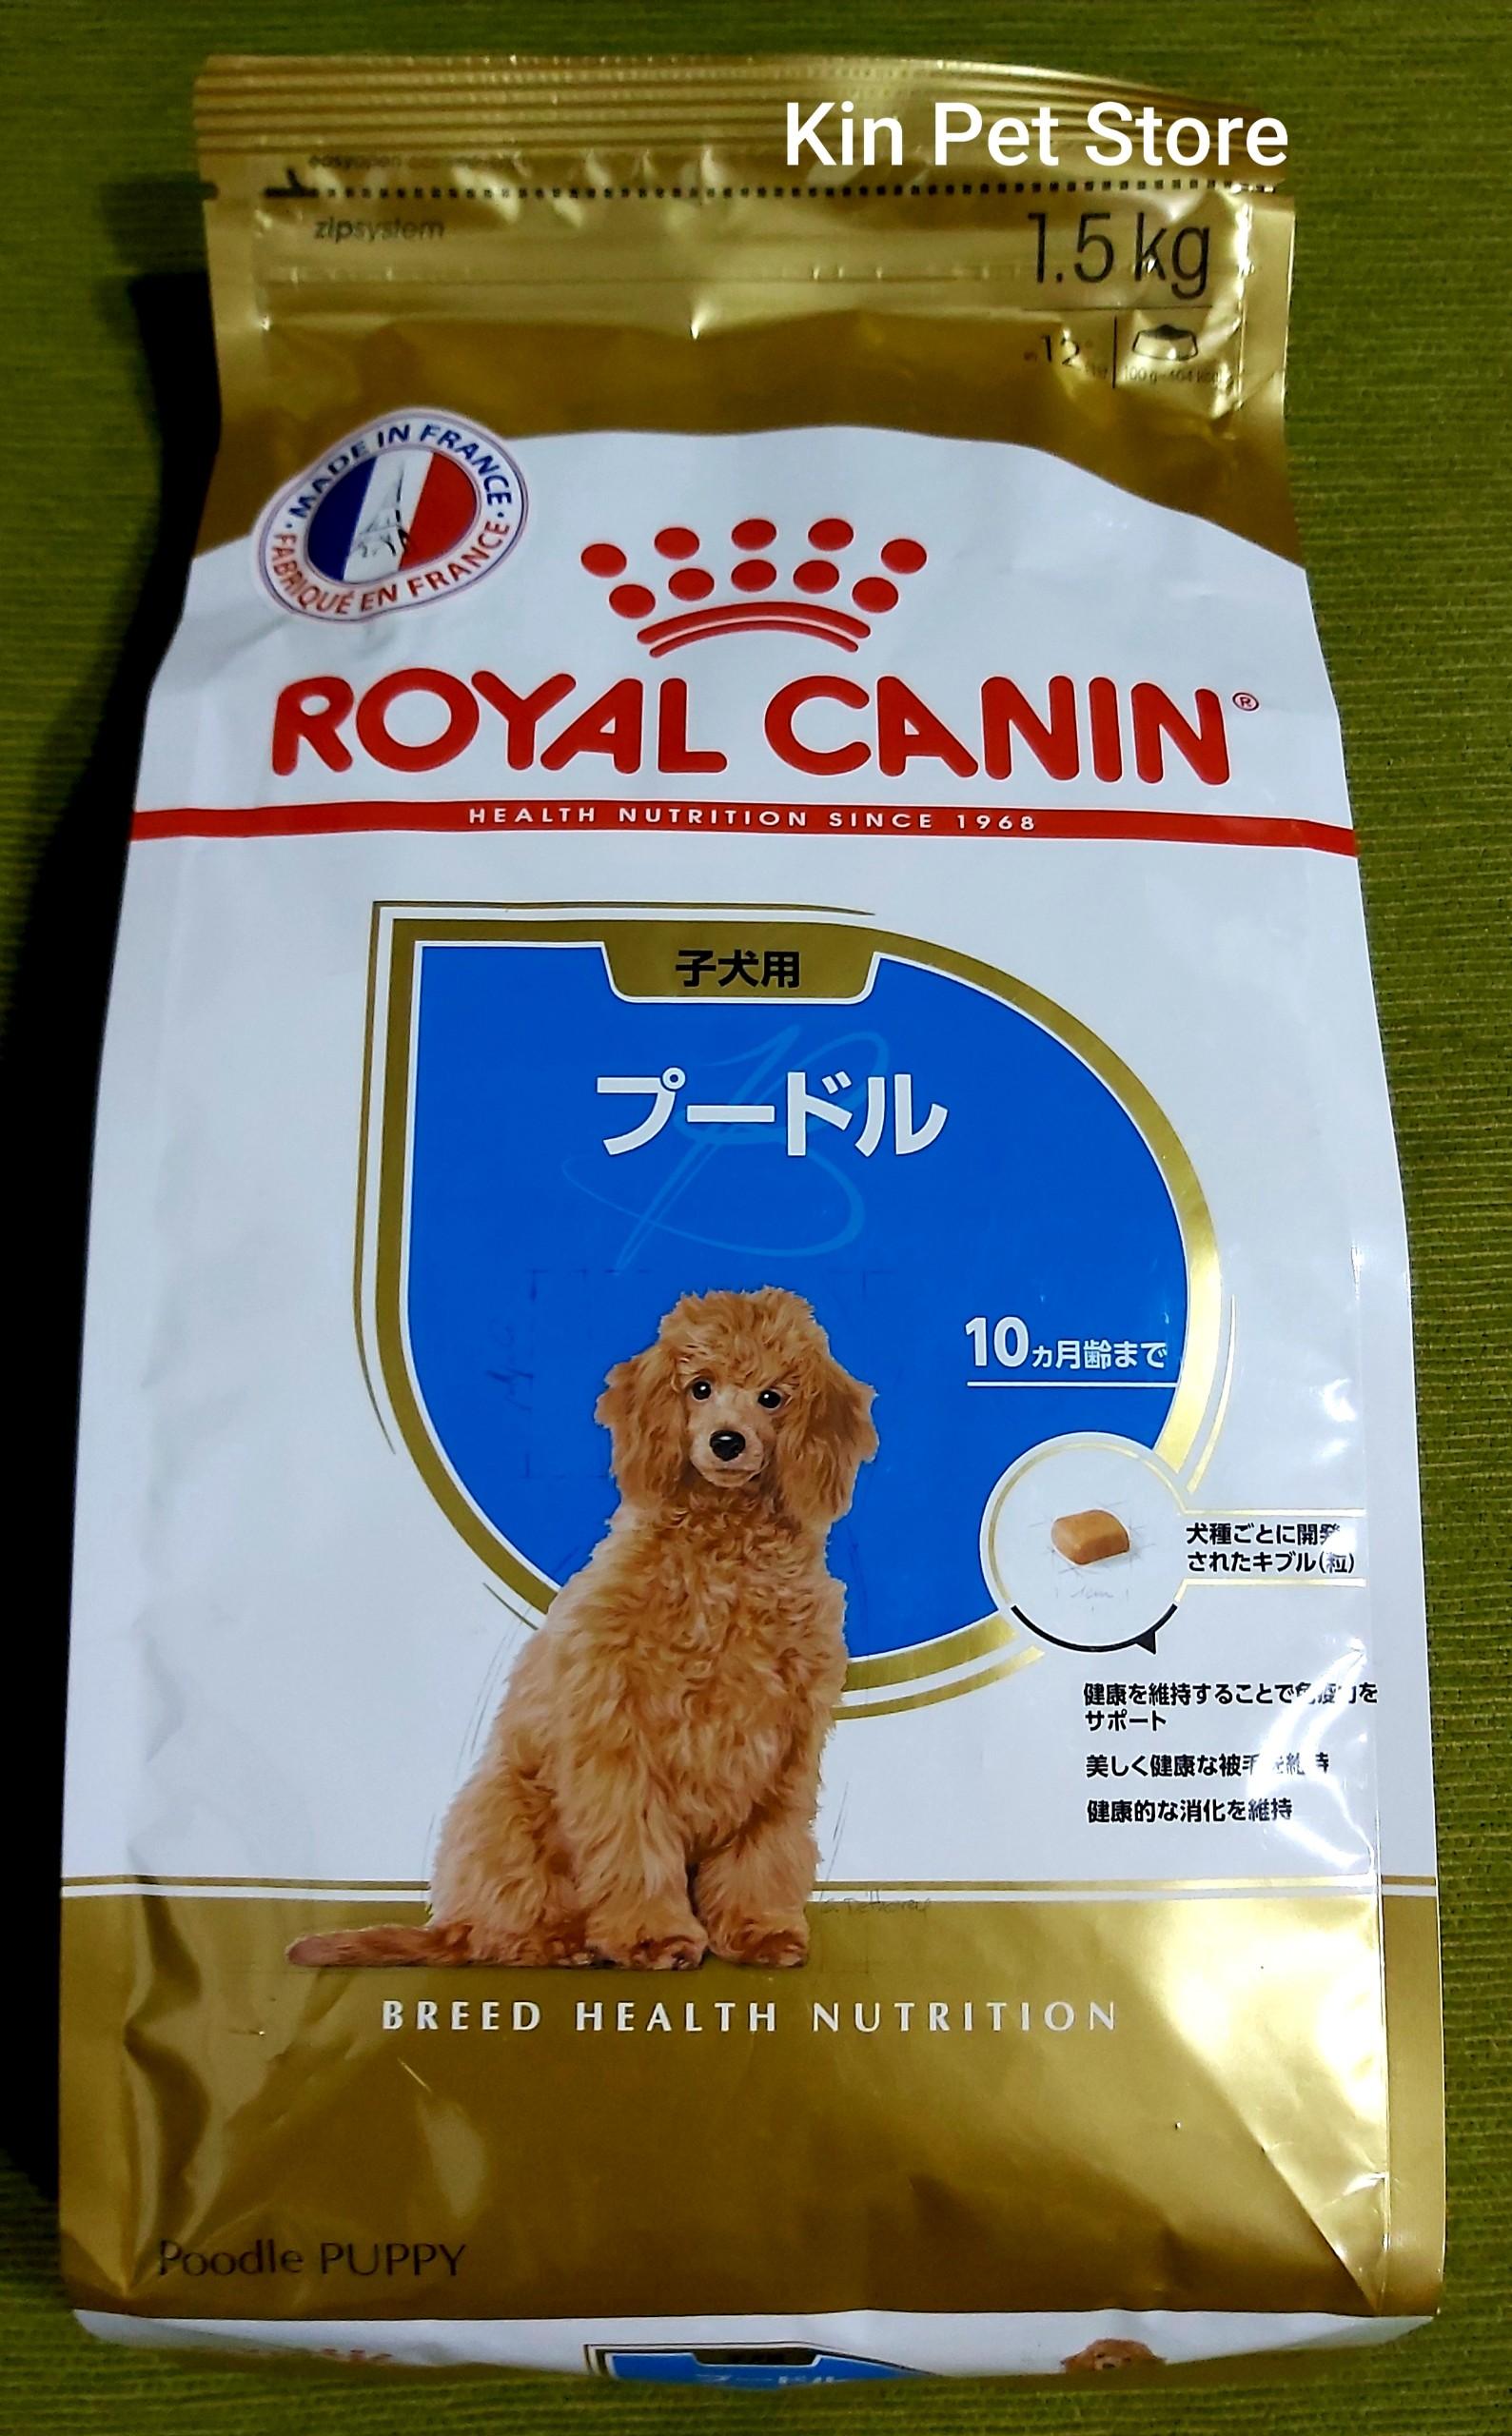 Chương Trình Ưu Đãi cho [Túi 1.5kg] ROYAL CANIN POODLE PUPPY - Thức Ăn Dành Cho Chó Poodle